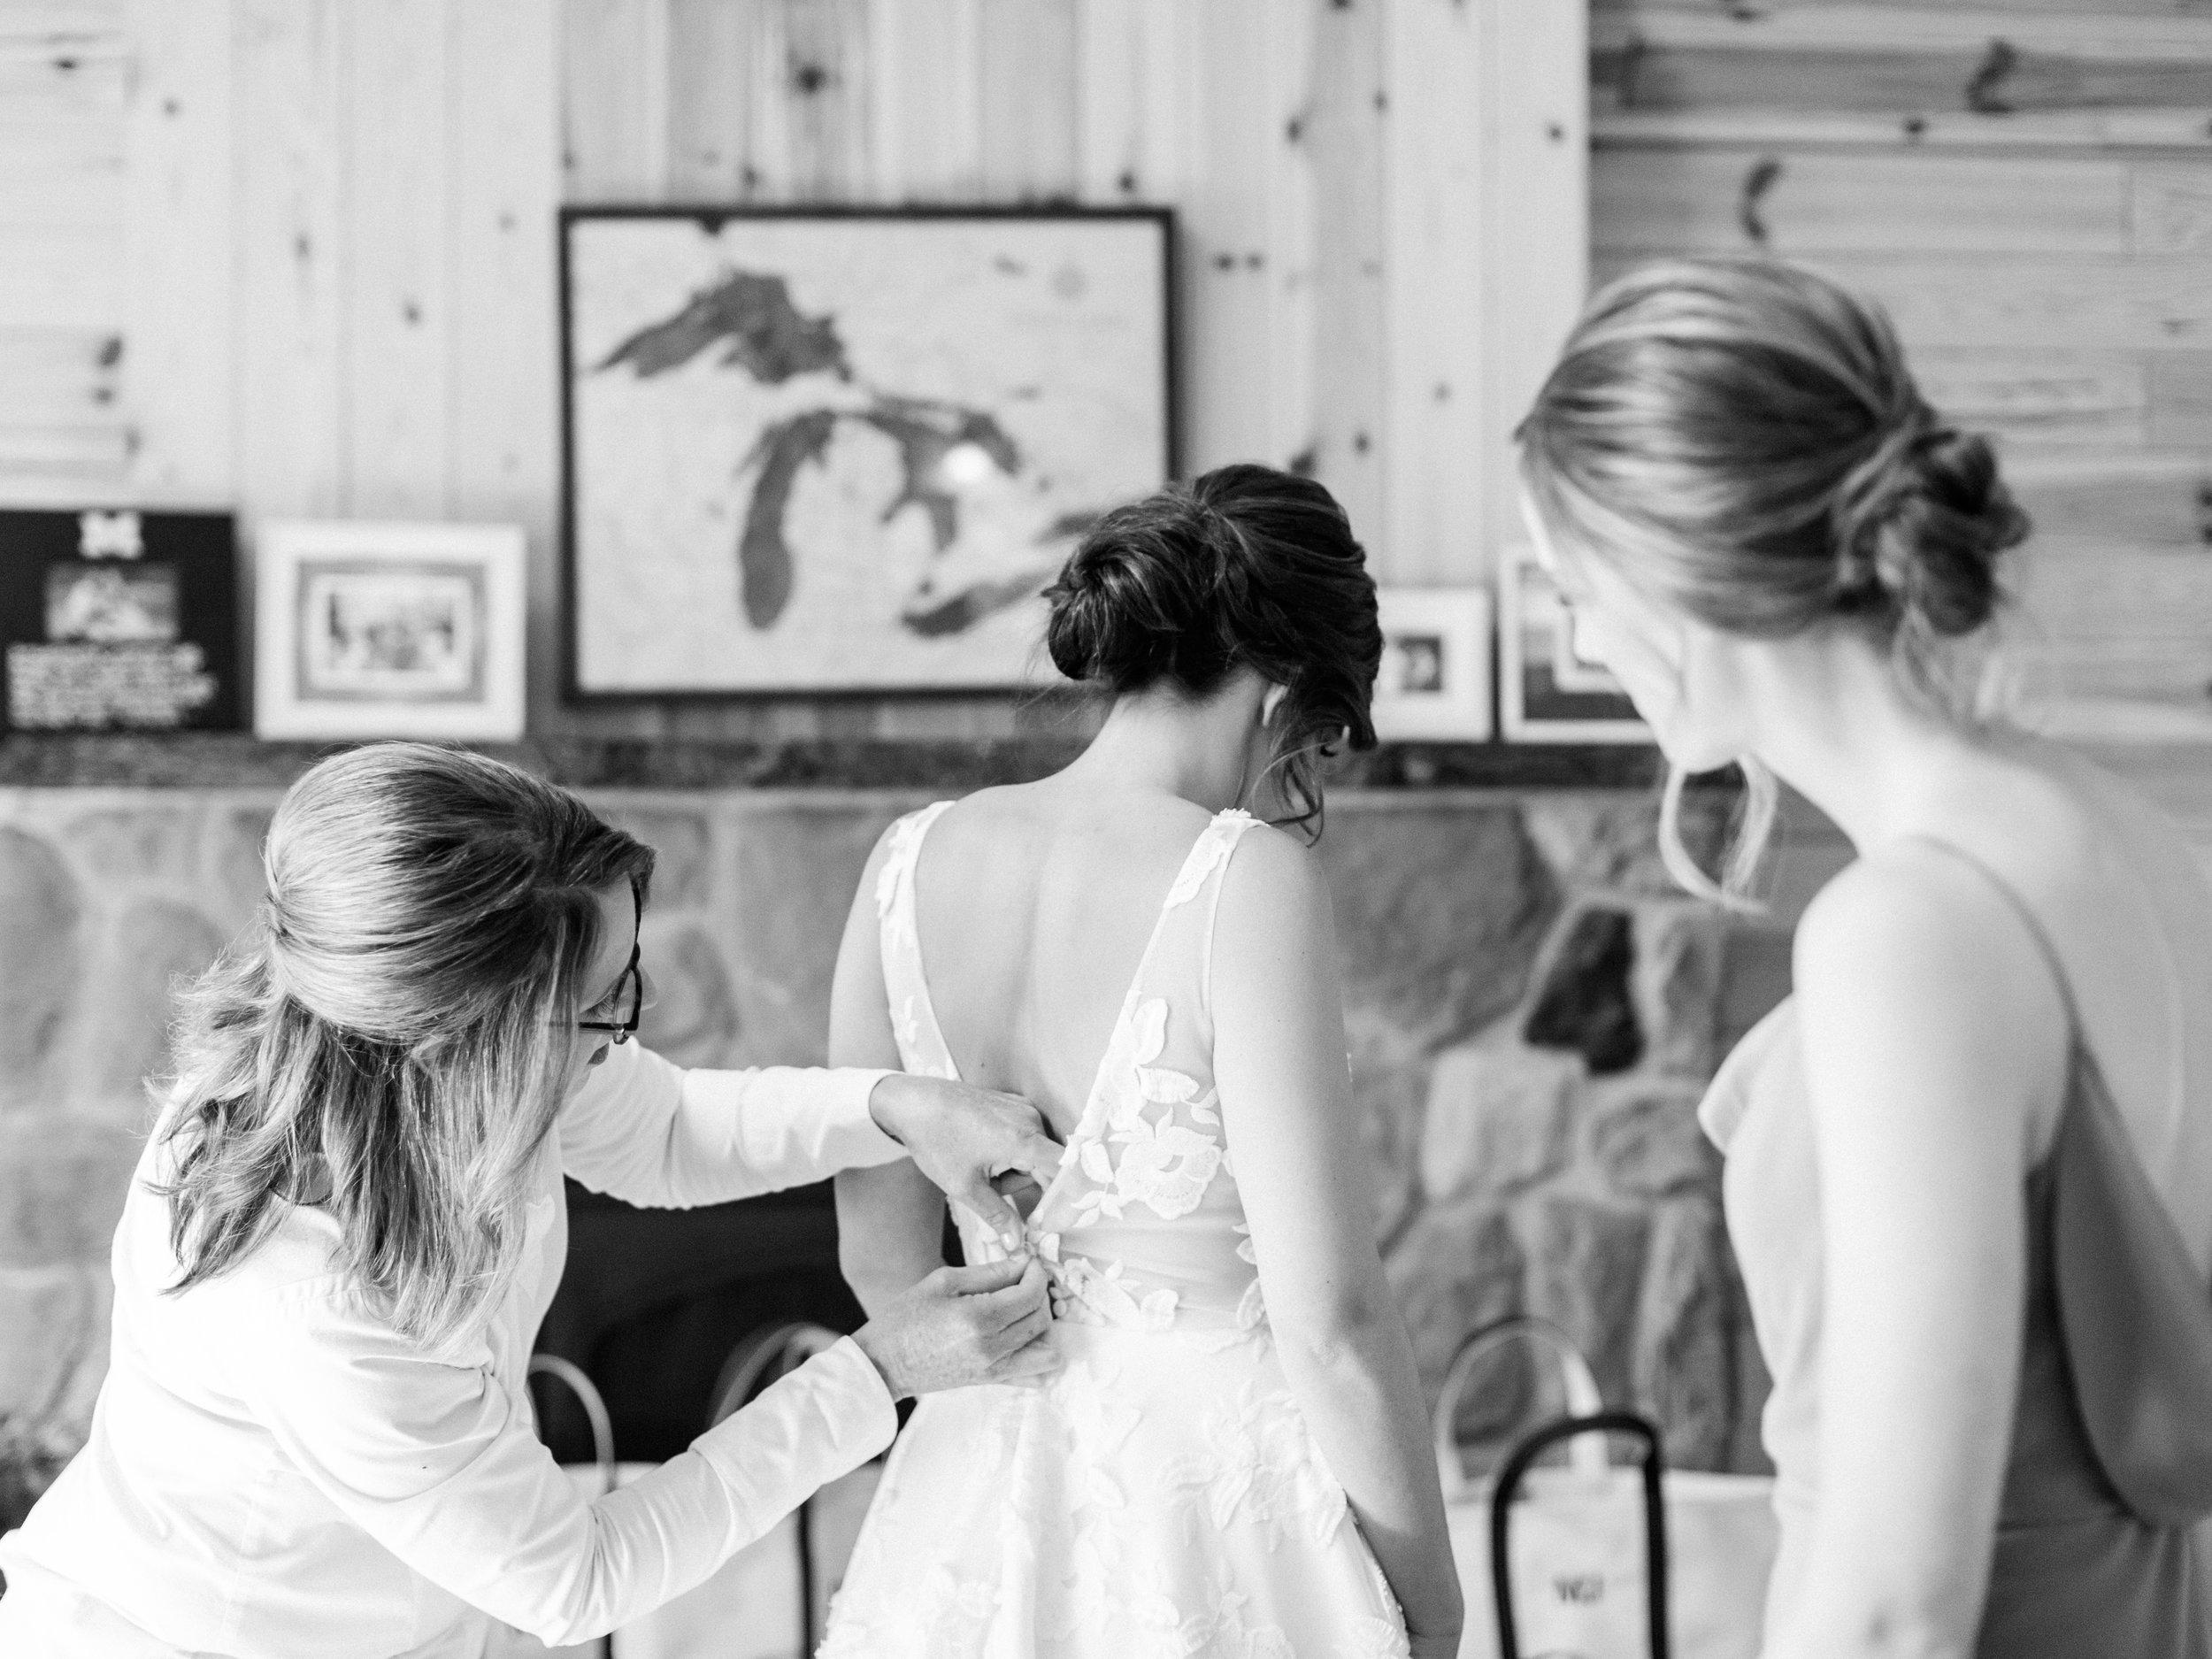 Deguilio+Wedding+Girls+getting+ready-81.jpg